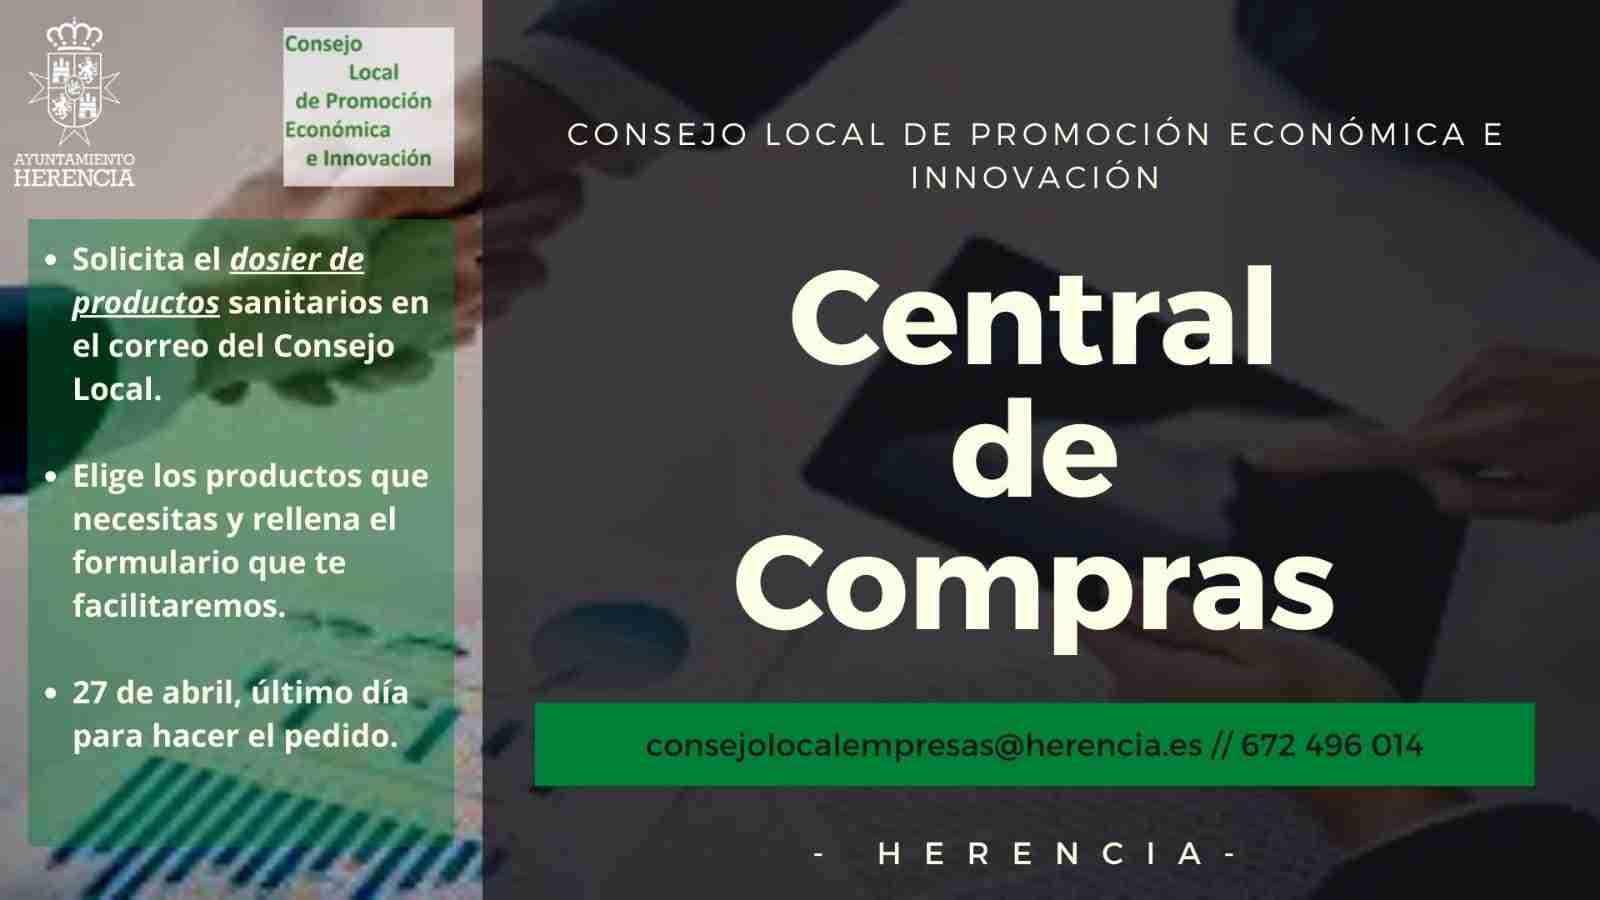 """El Consejo Local de Promoción Económica e Innovación de Herencia pone en marcha una """"central de compras"""" de material sanitario para empresas y autónomos 5"""